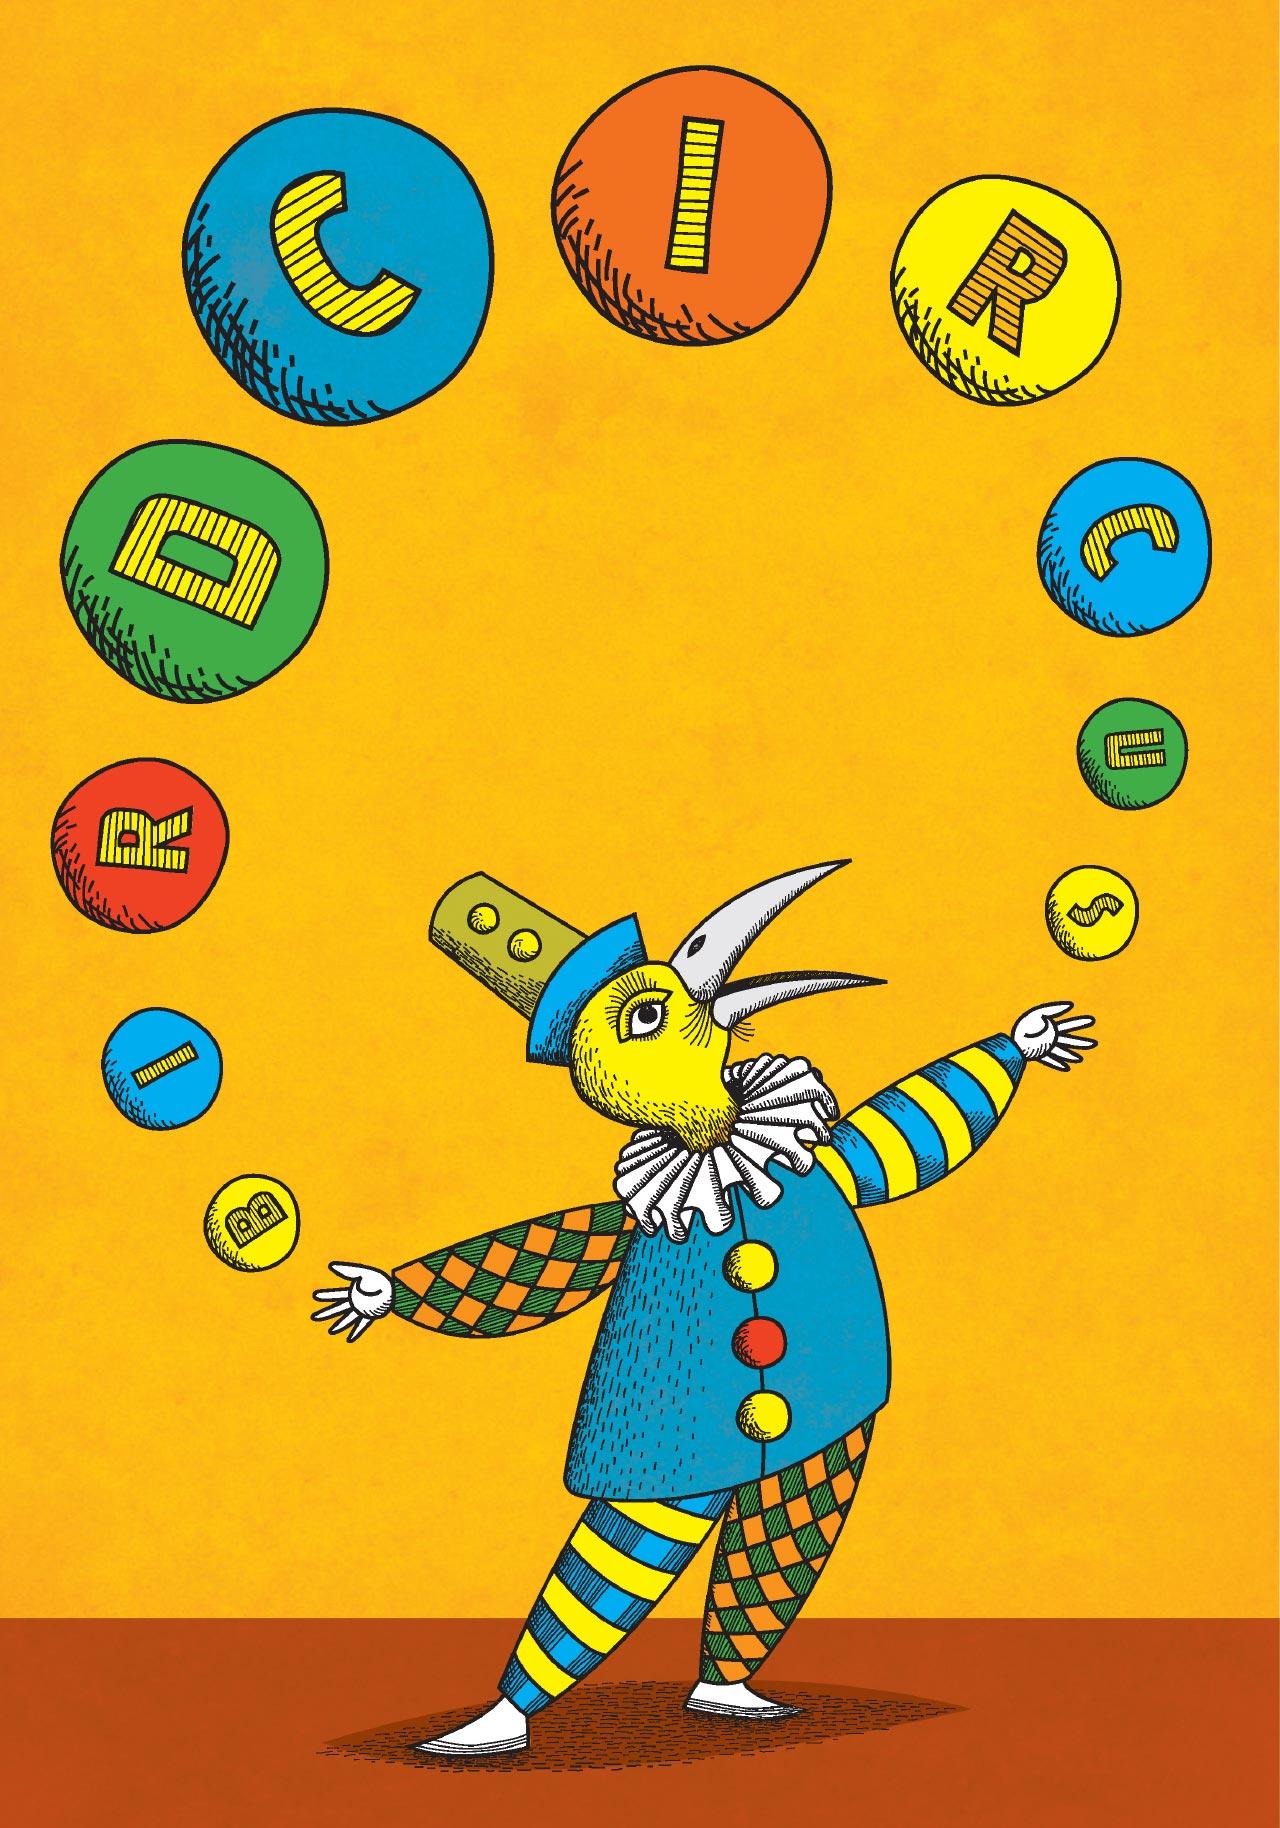 Bird Circus Juggler